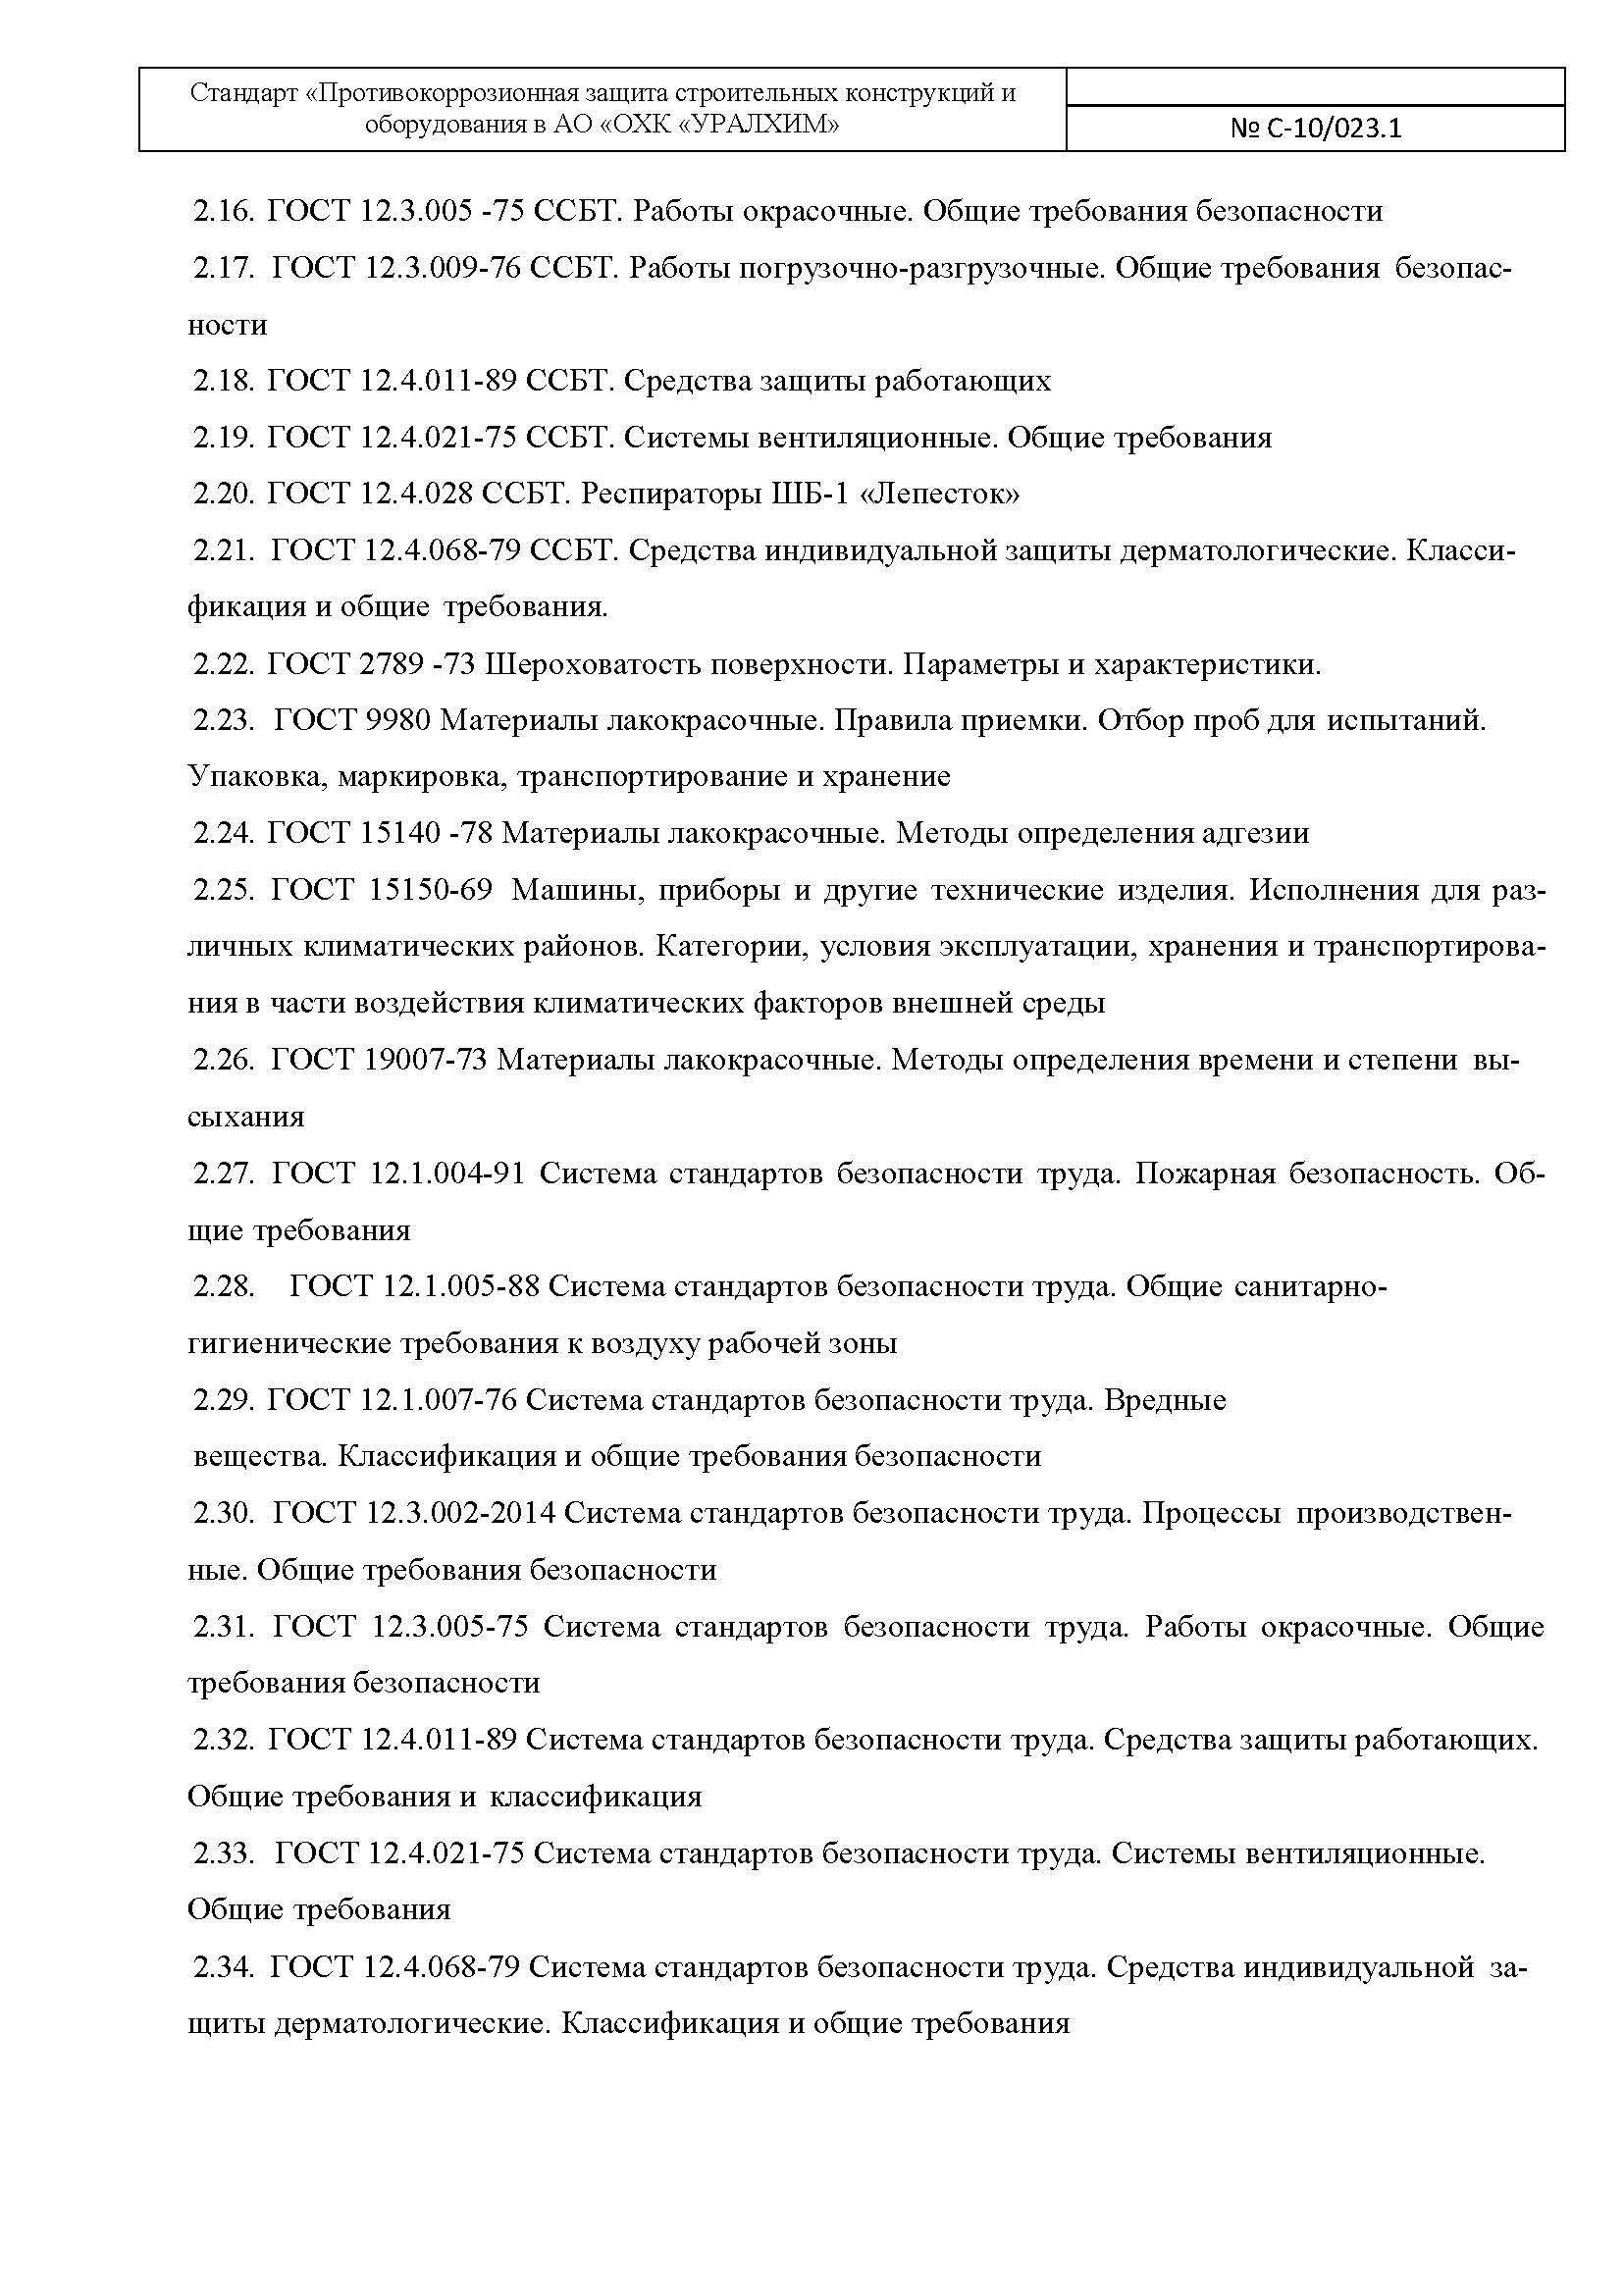 Выписка из Стандарта Противокоррозионная защита строительных конструкций и оборудования АО ОХК УРЛХИМ_Страница_05